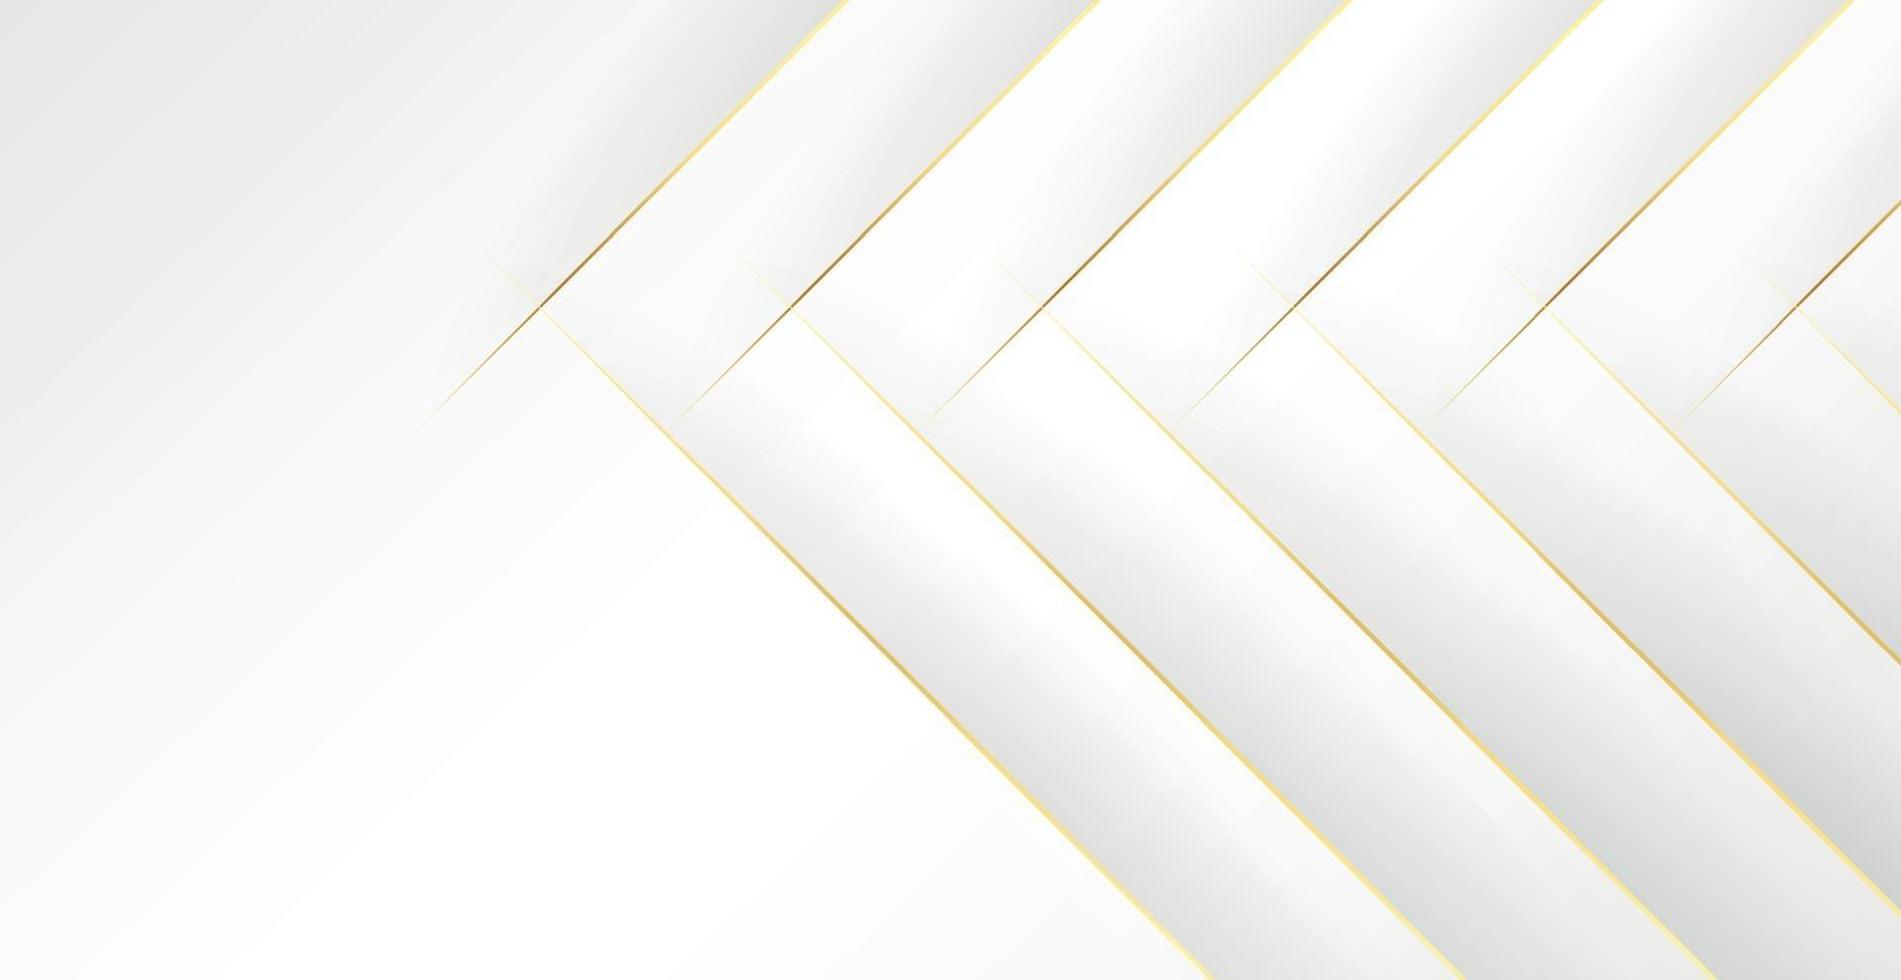 abstrakter grauweißer Hintergrund mit goldenen Linien - Vektor